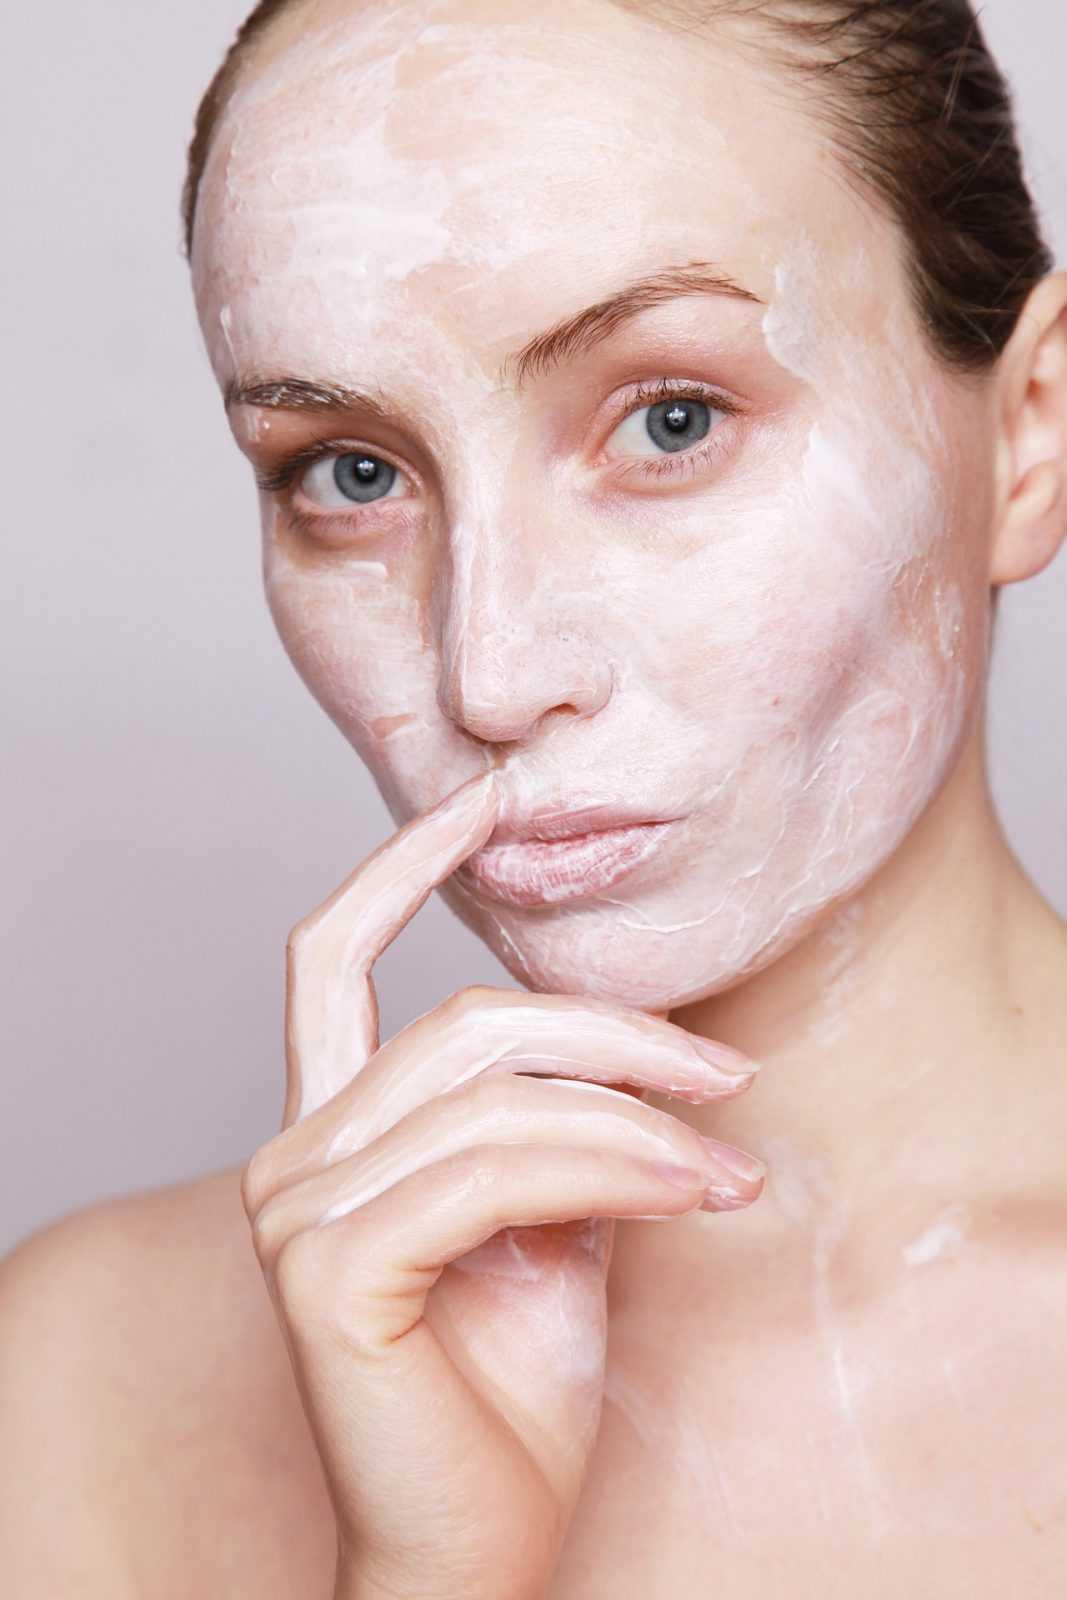 Migliori.io Perché la pulizia viso è importante?